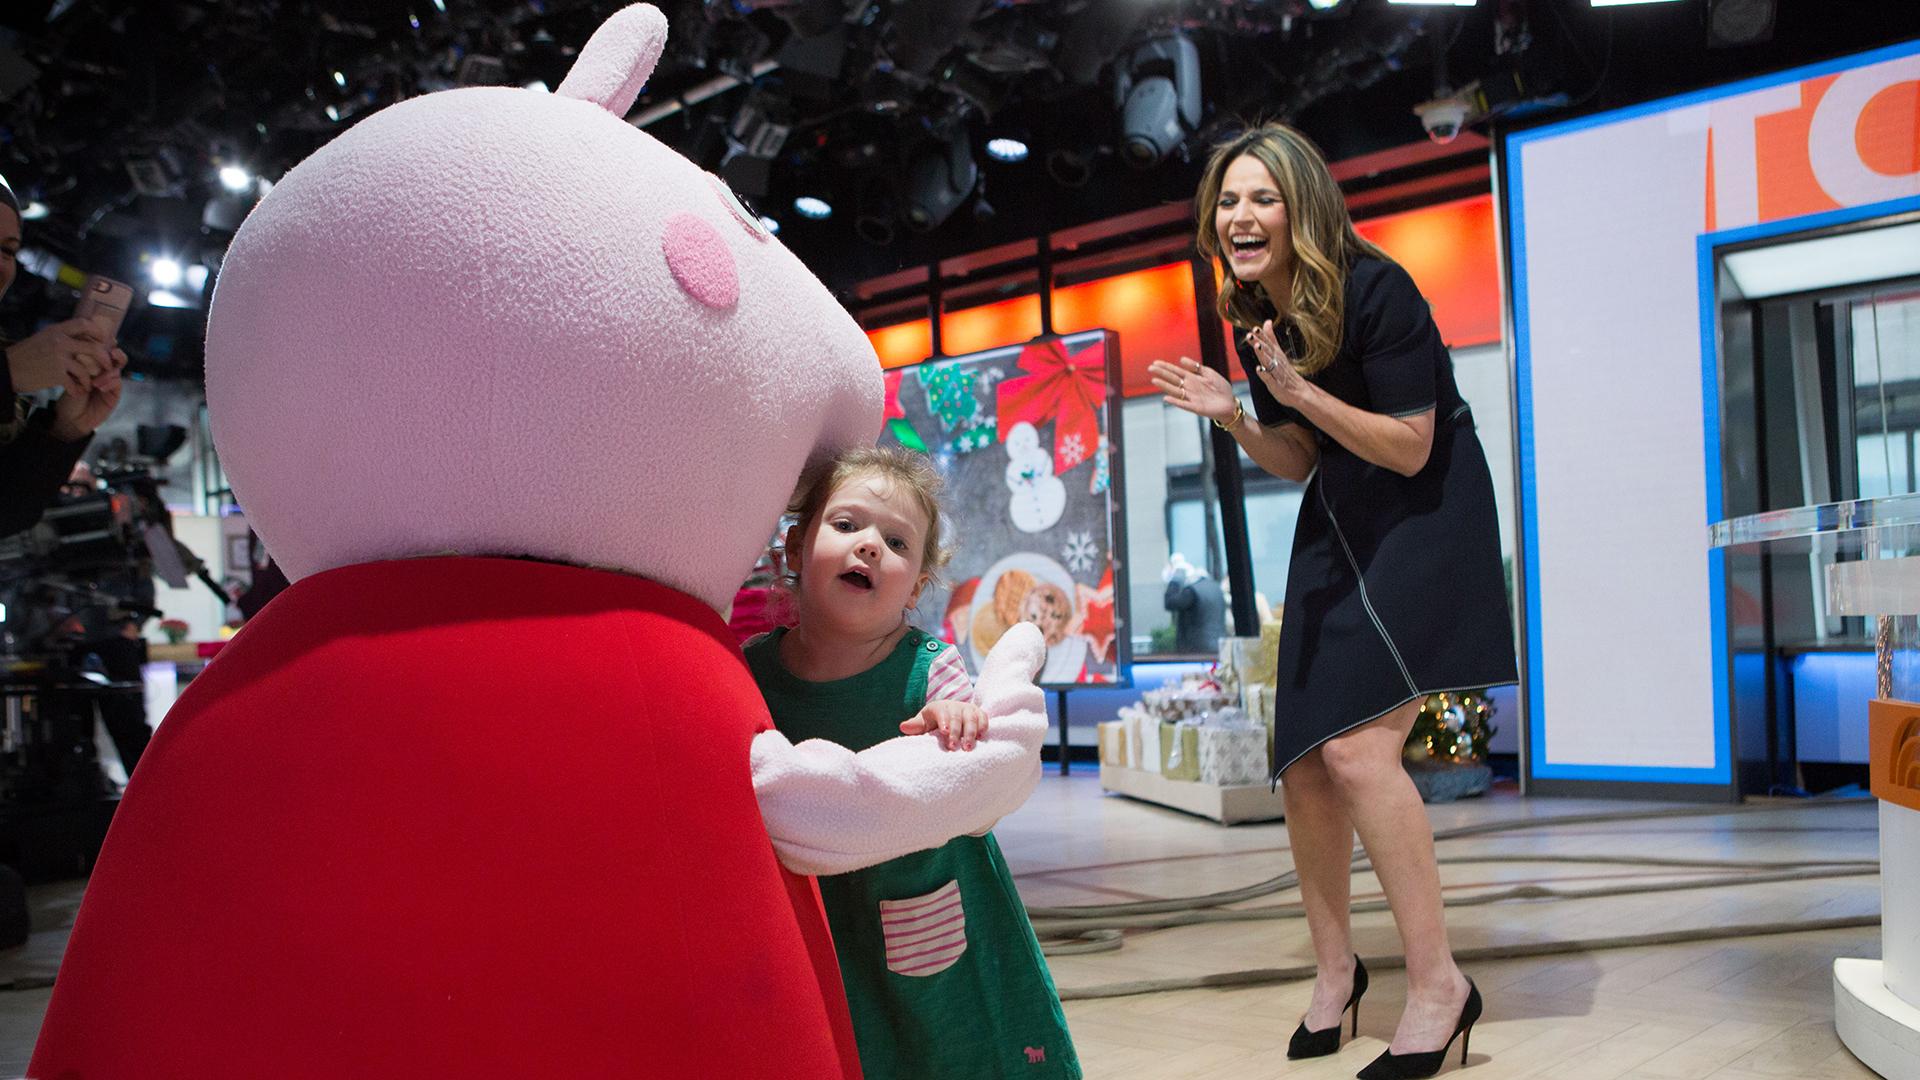 Savannah's daughter Vale met her idol — Peppa Pig! See the sweet photos